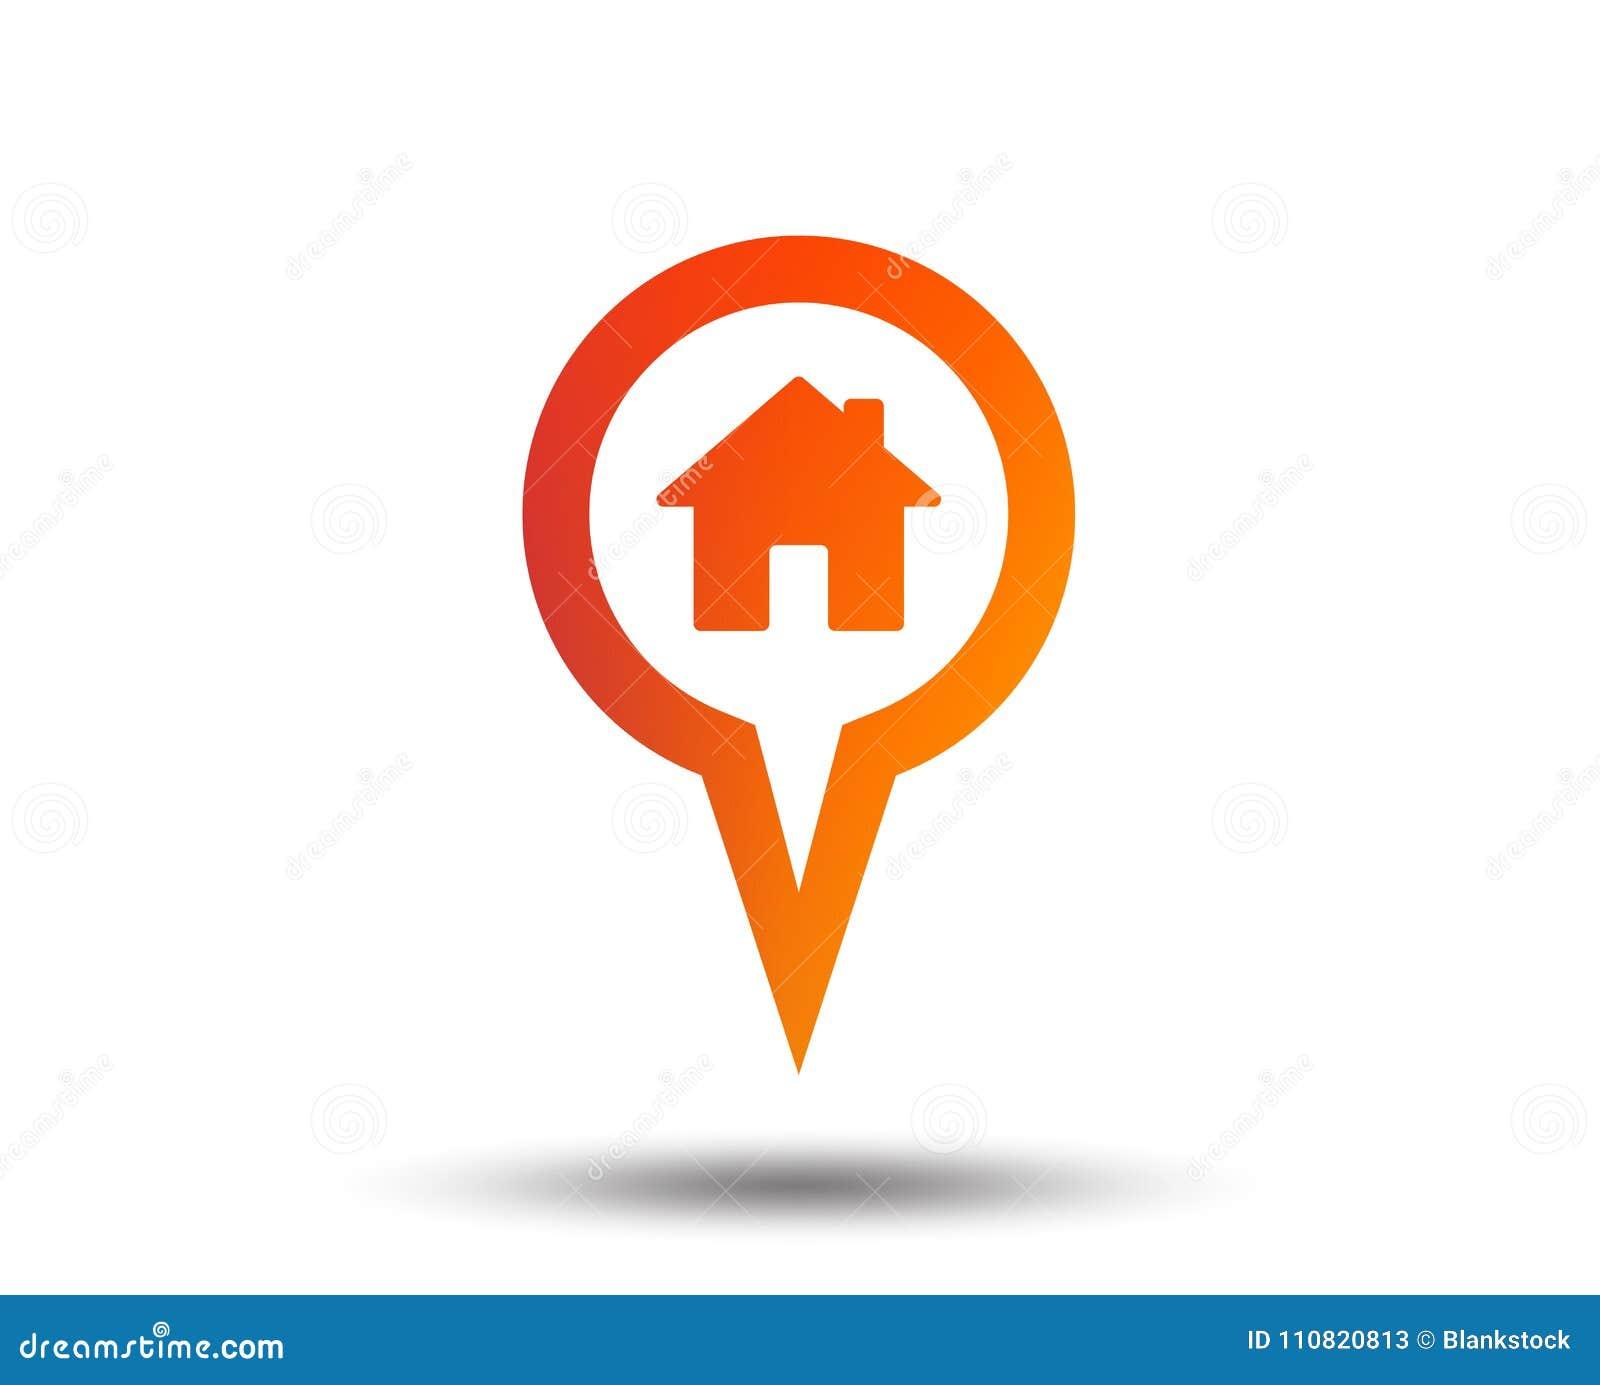 Ícone do sinal da casa do ponteiro do mapa Símbolo do marcador